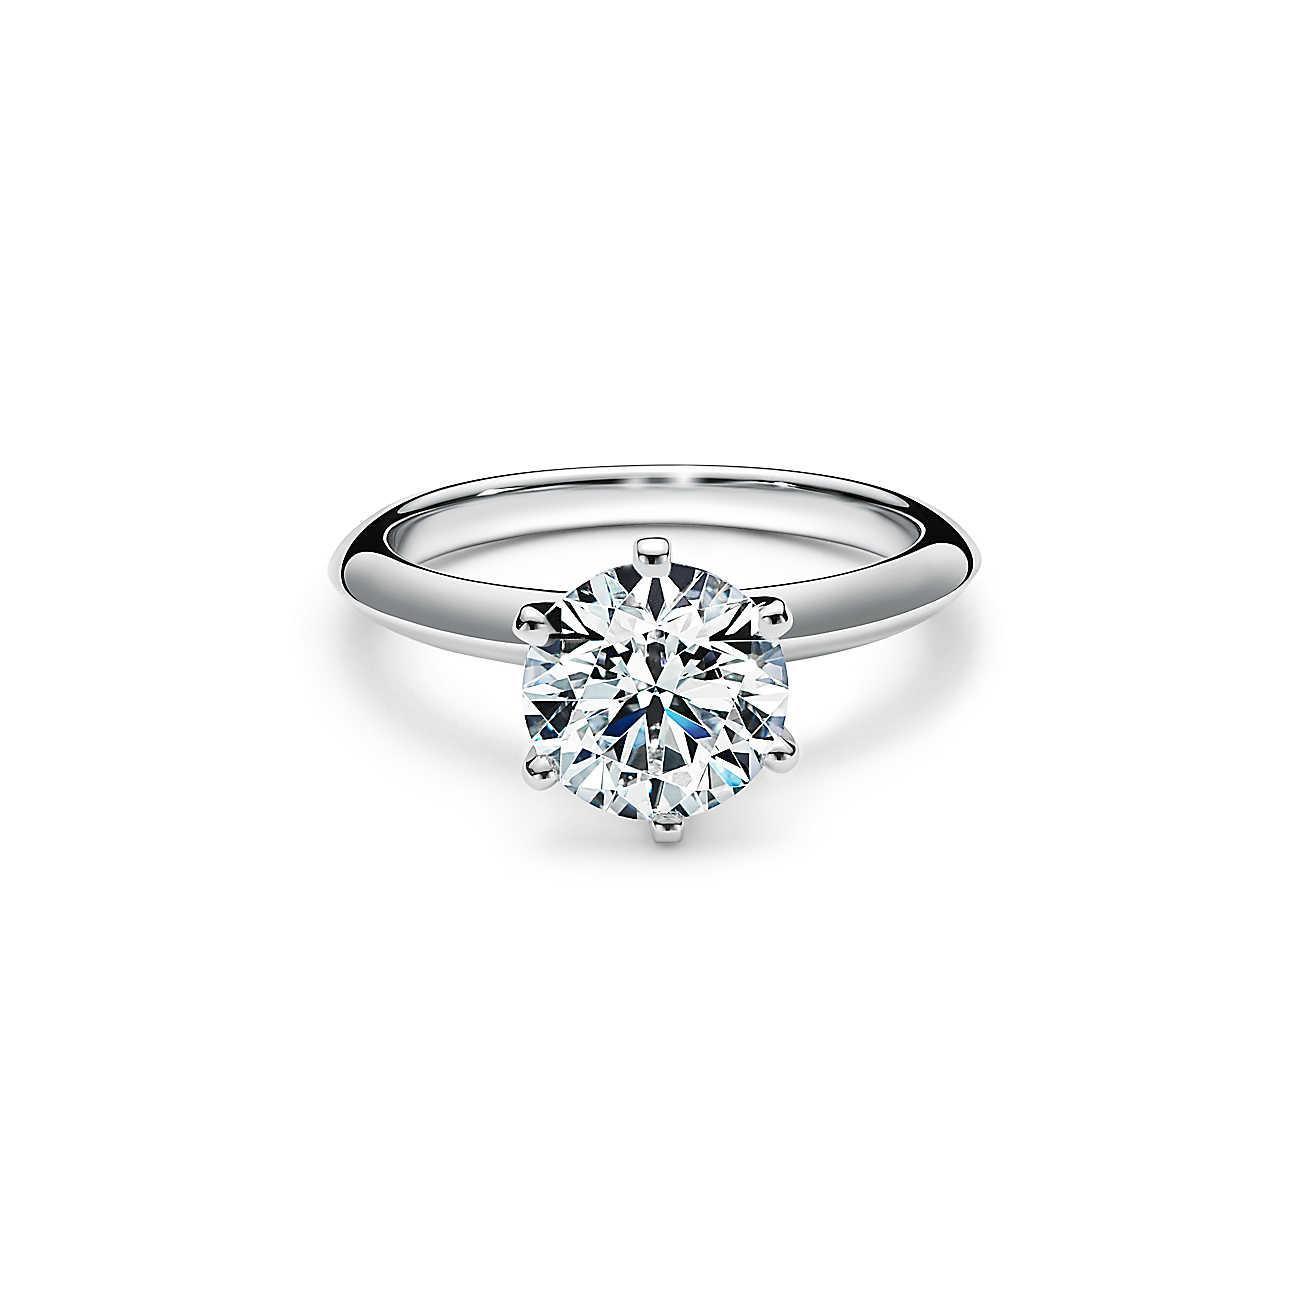 Anello di fidanzamento in Oro Bianco e Brillante da 2 carati F puro certificato GIA - Maisano Gioielli